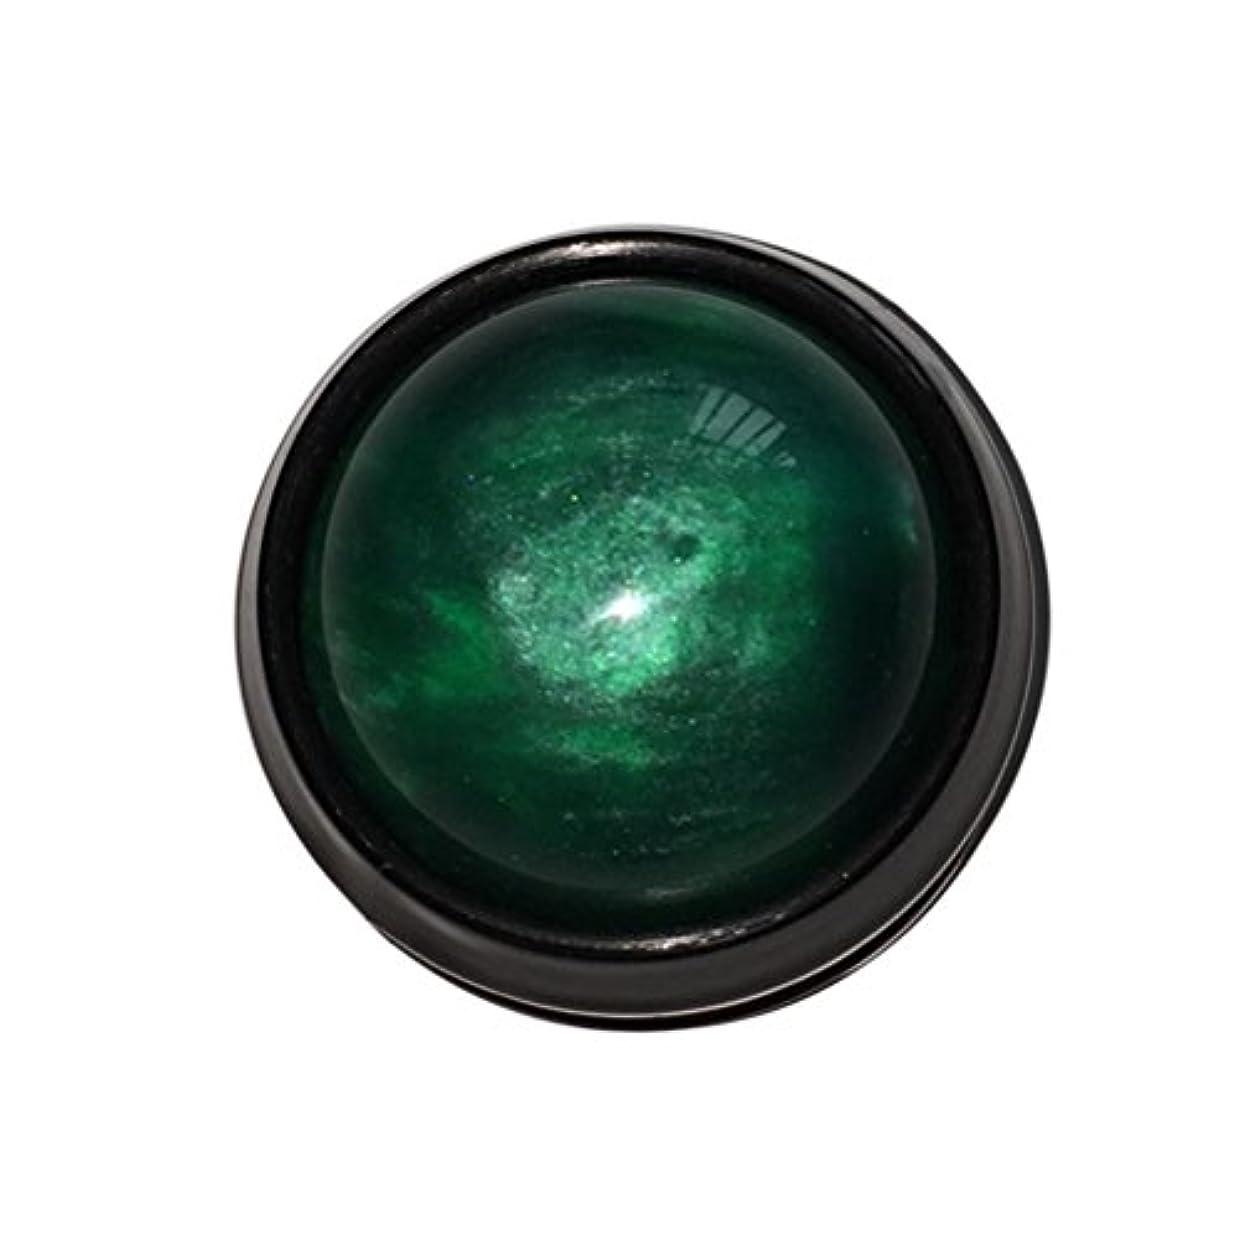 ULTNICE マッサージ ボール リラックスボール ボディ ローラー ほぐし 健康器具 血行促進 解消 360度回転(グリーン)